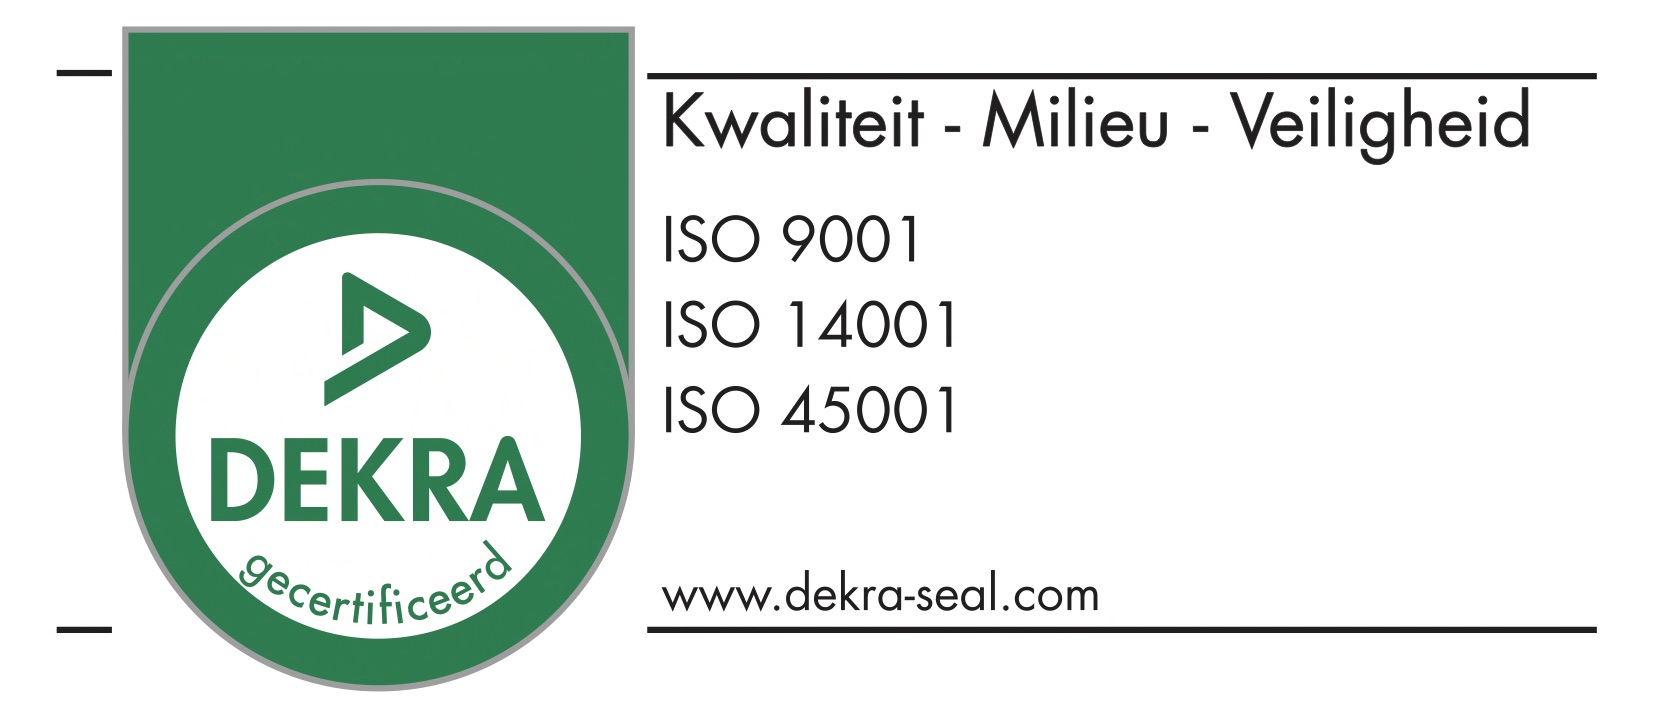 DEKRA ISO